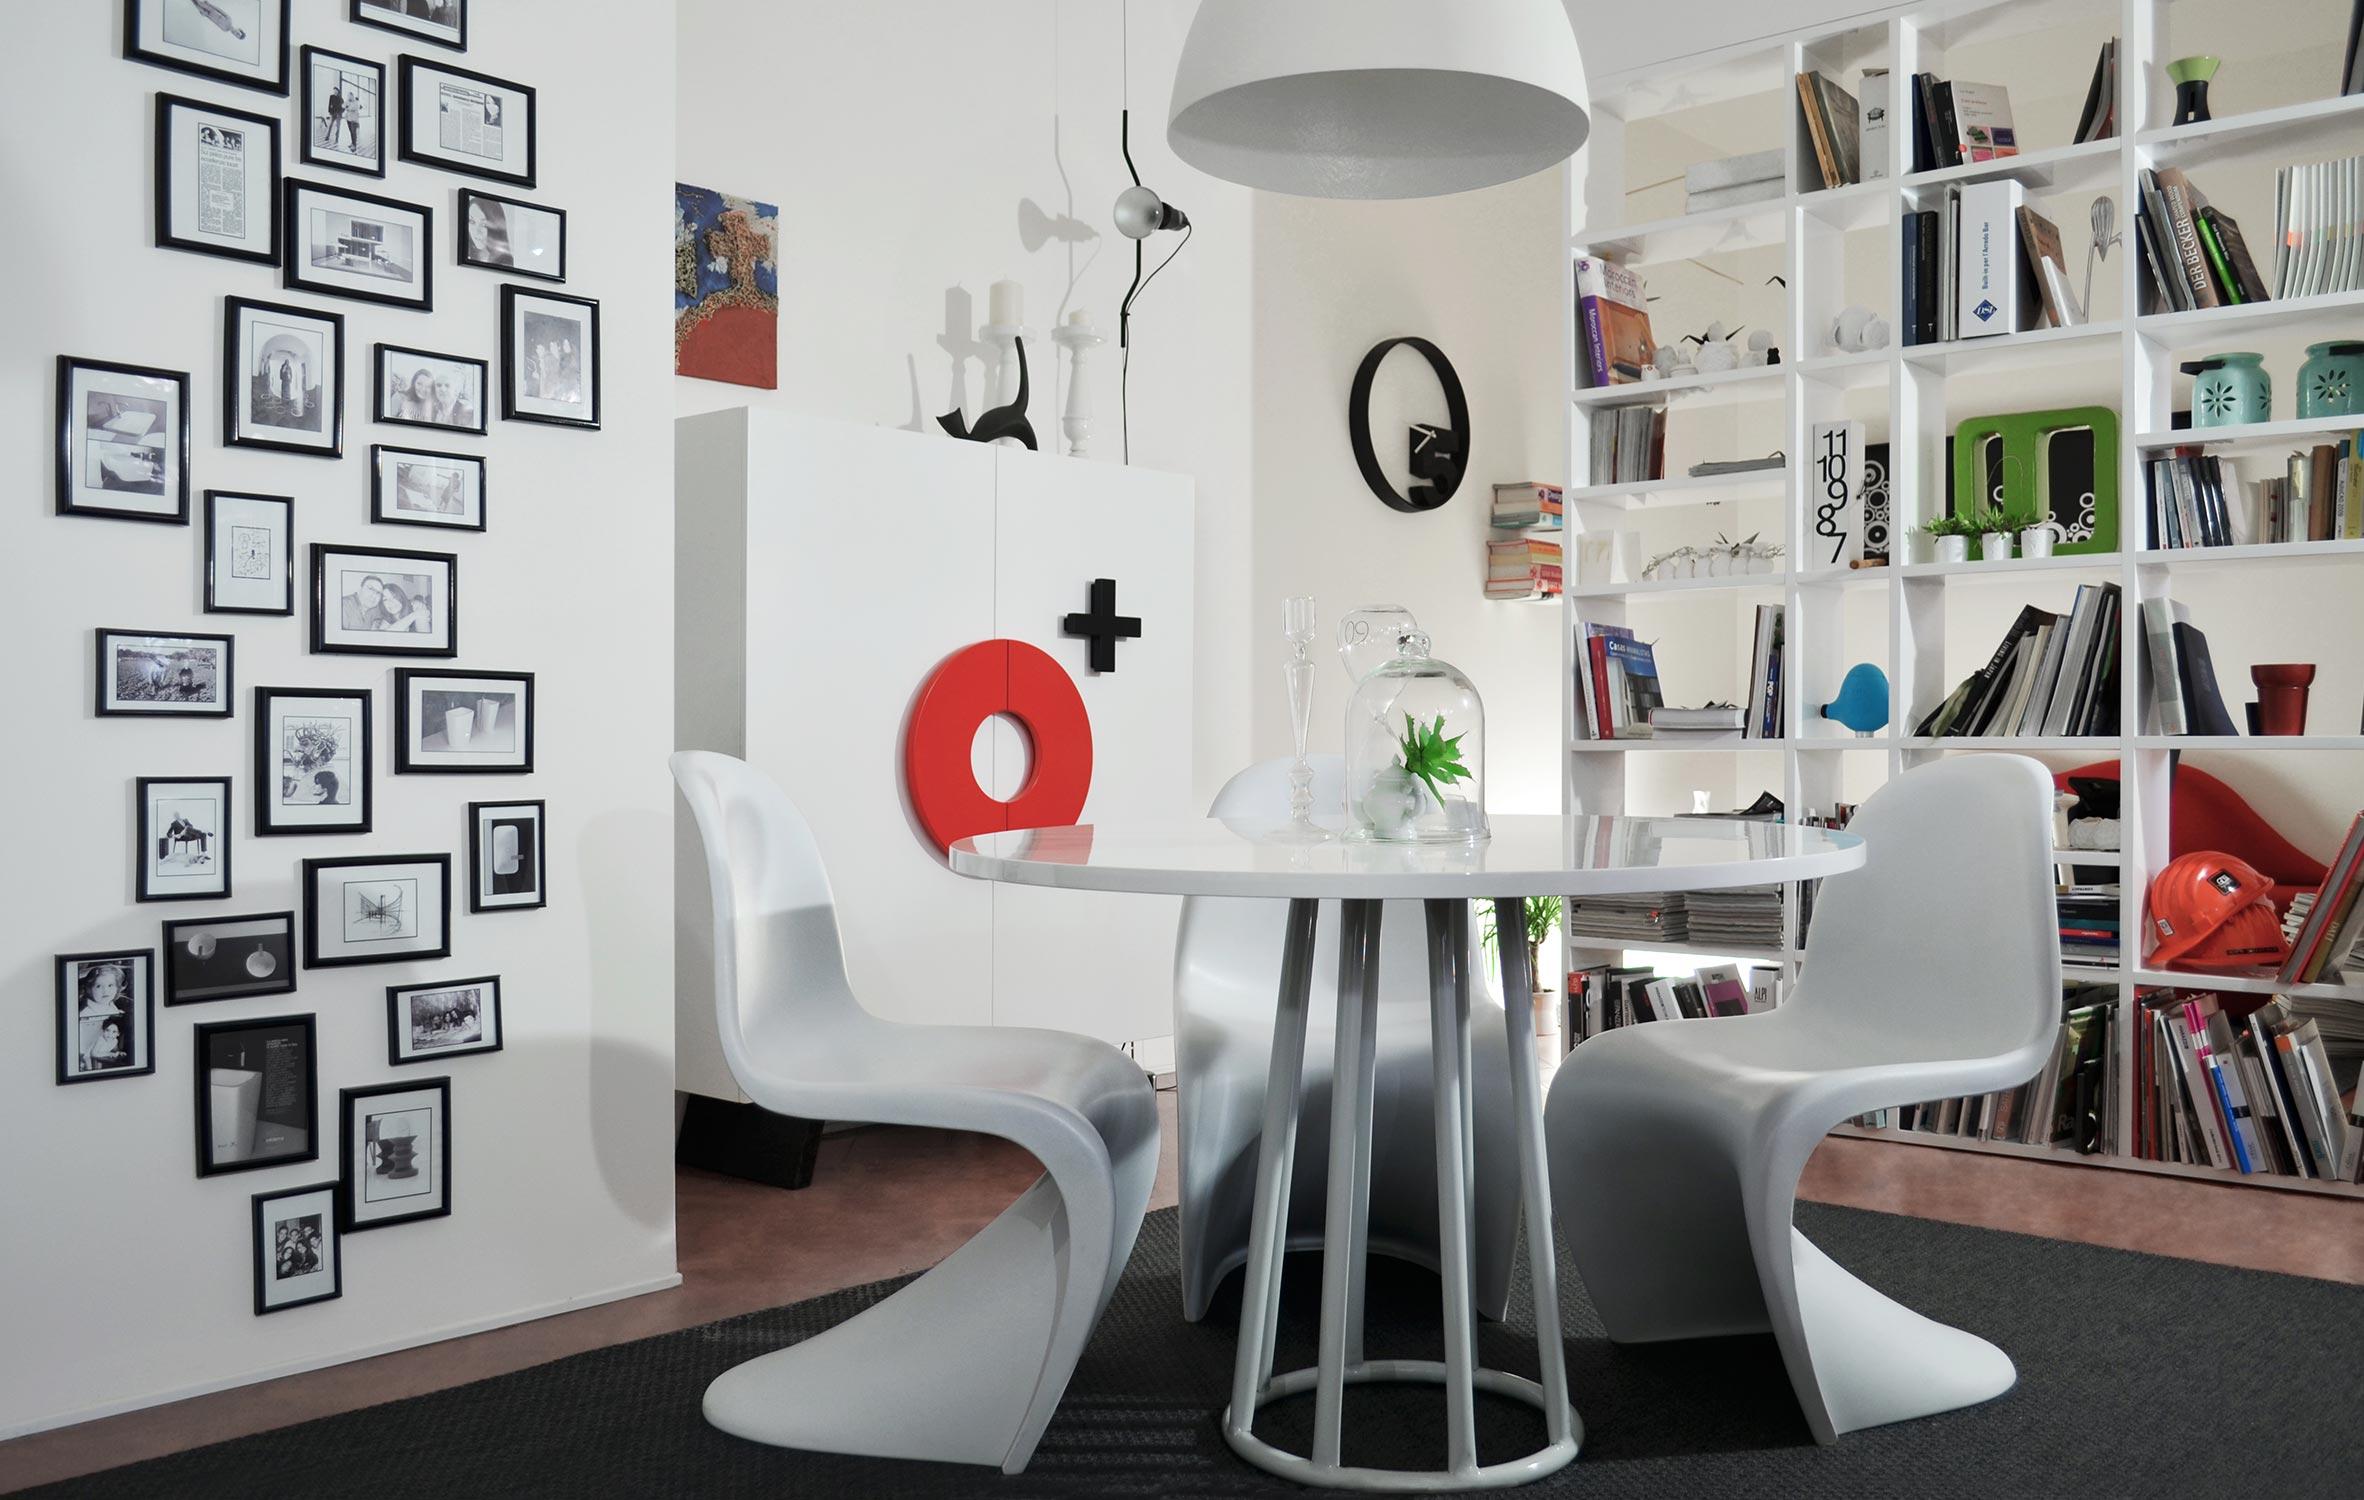 Studi Arredamento Design Interni.Studio Progettazione Interni D Arredo E Design